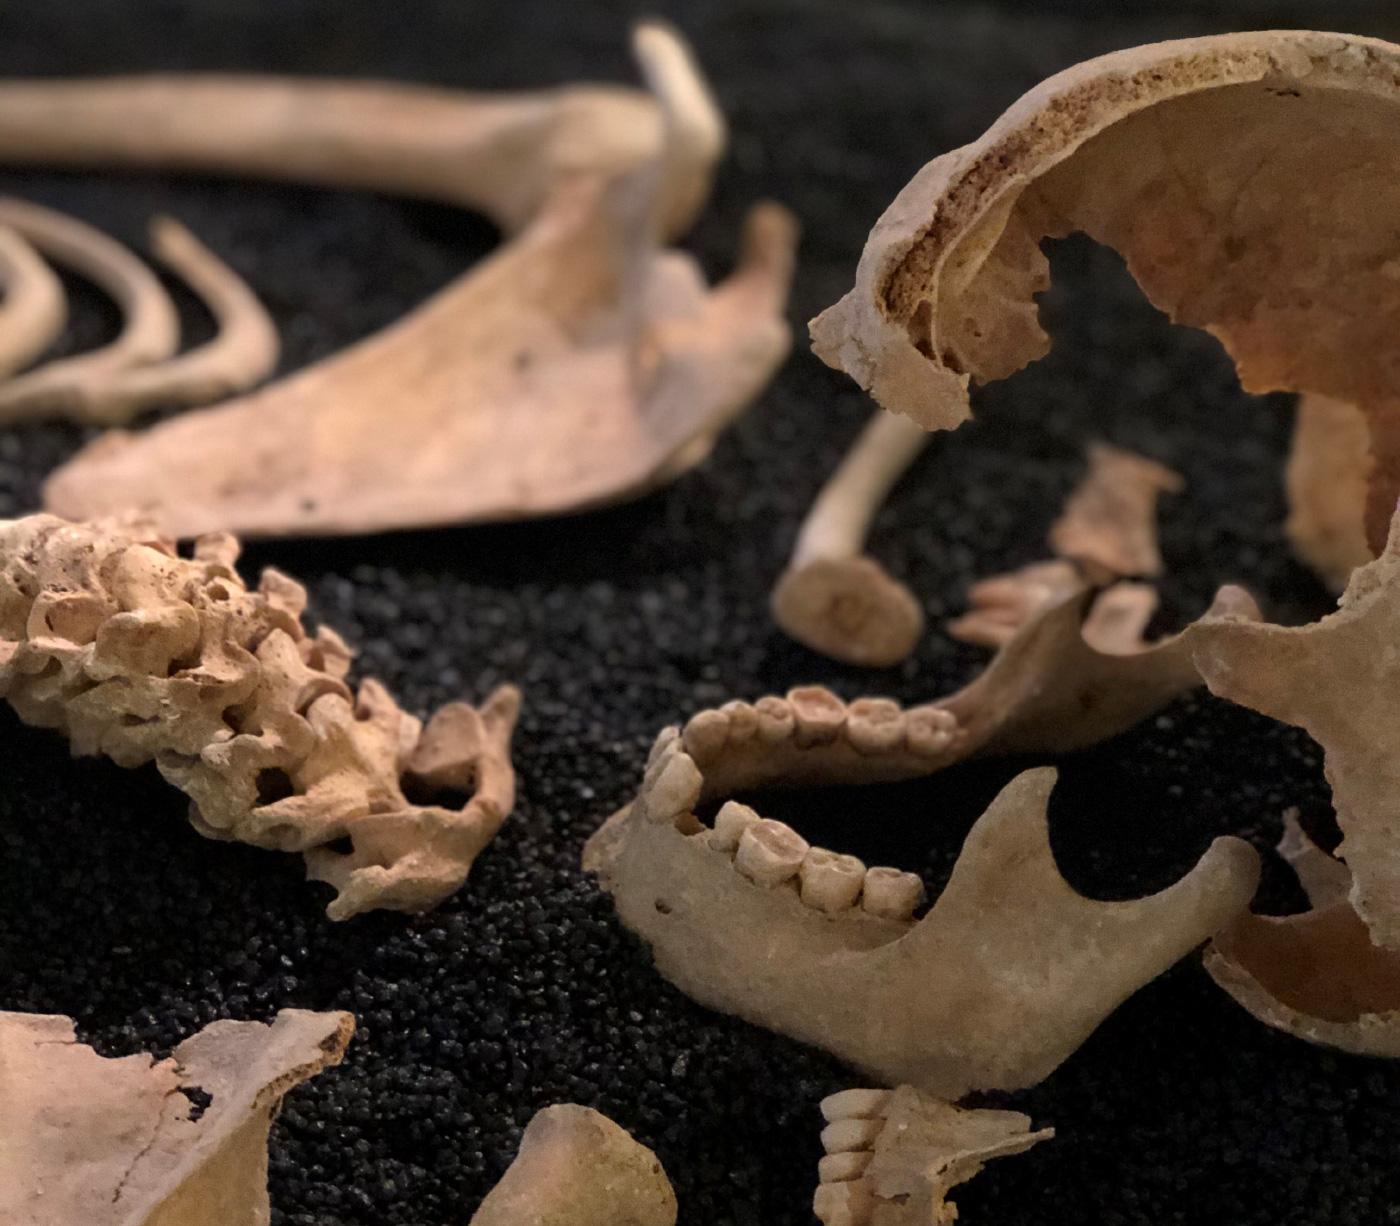 anglo-saxon croydon